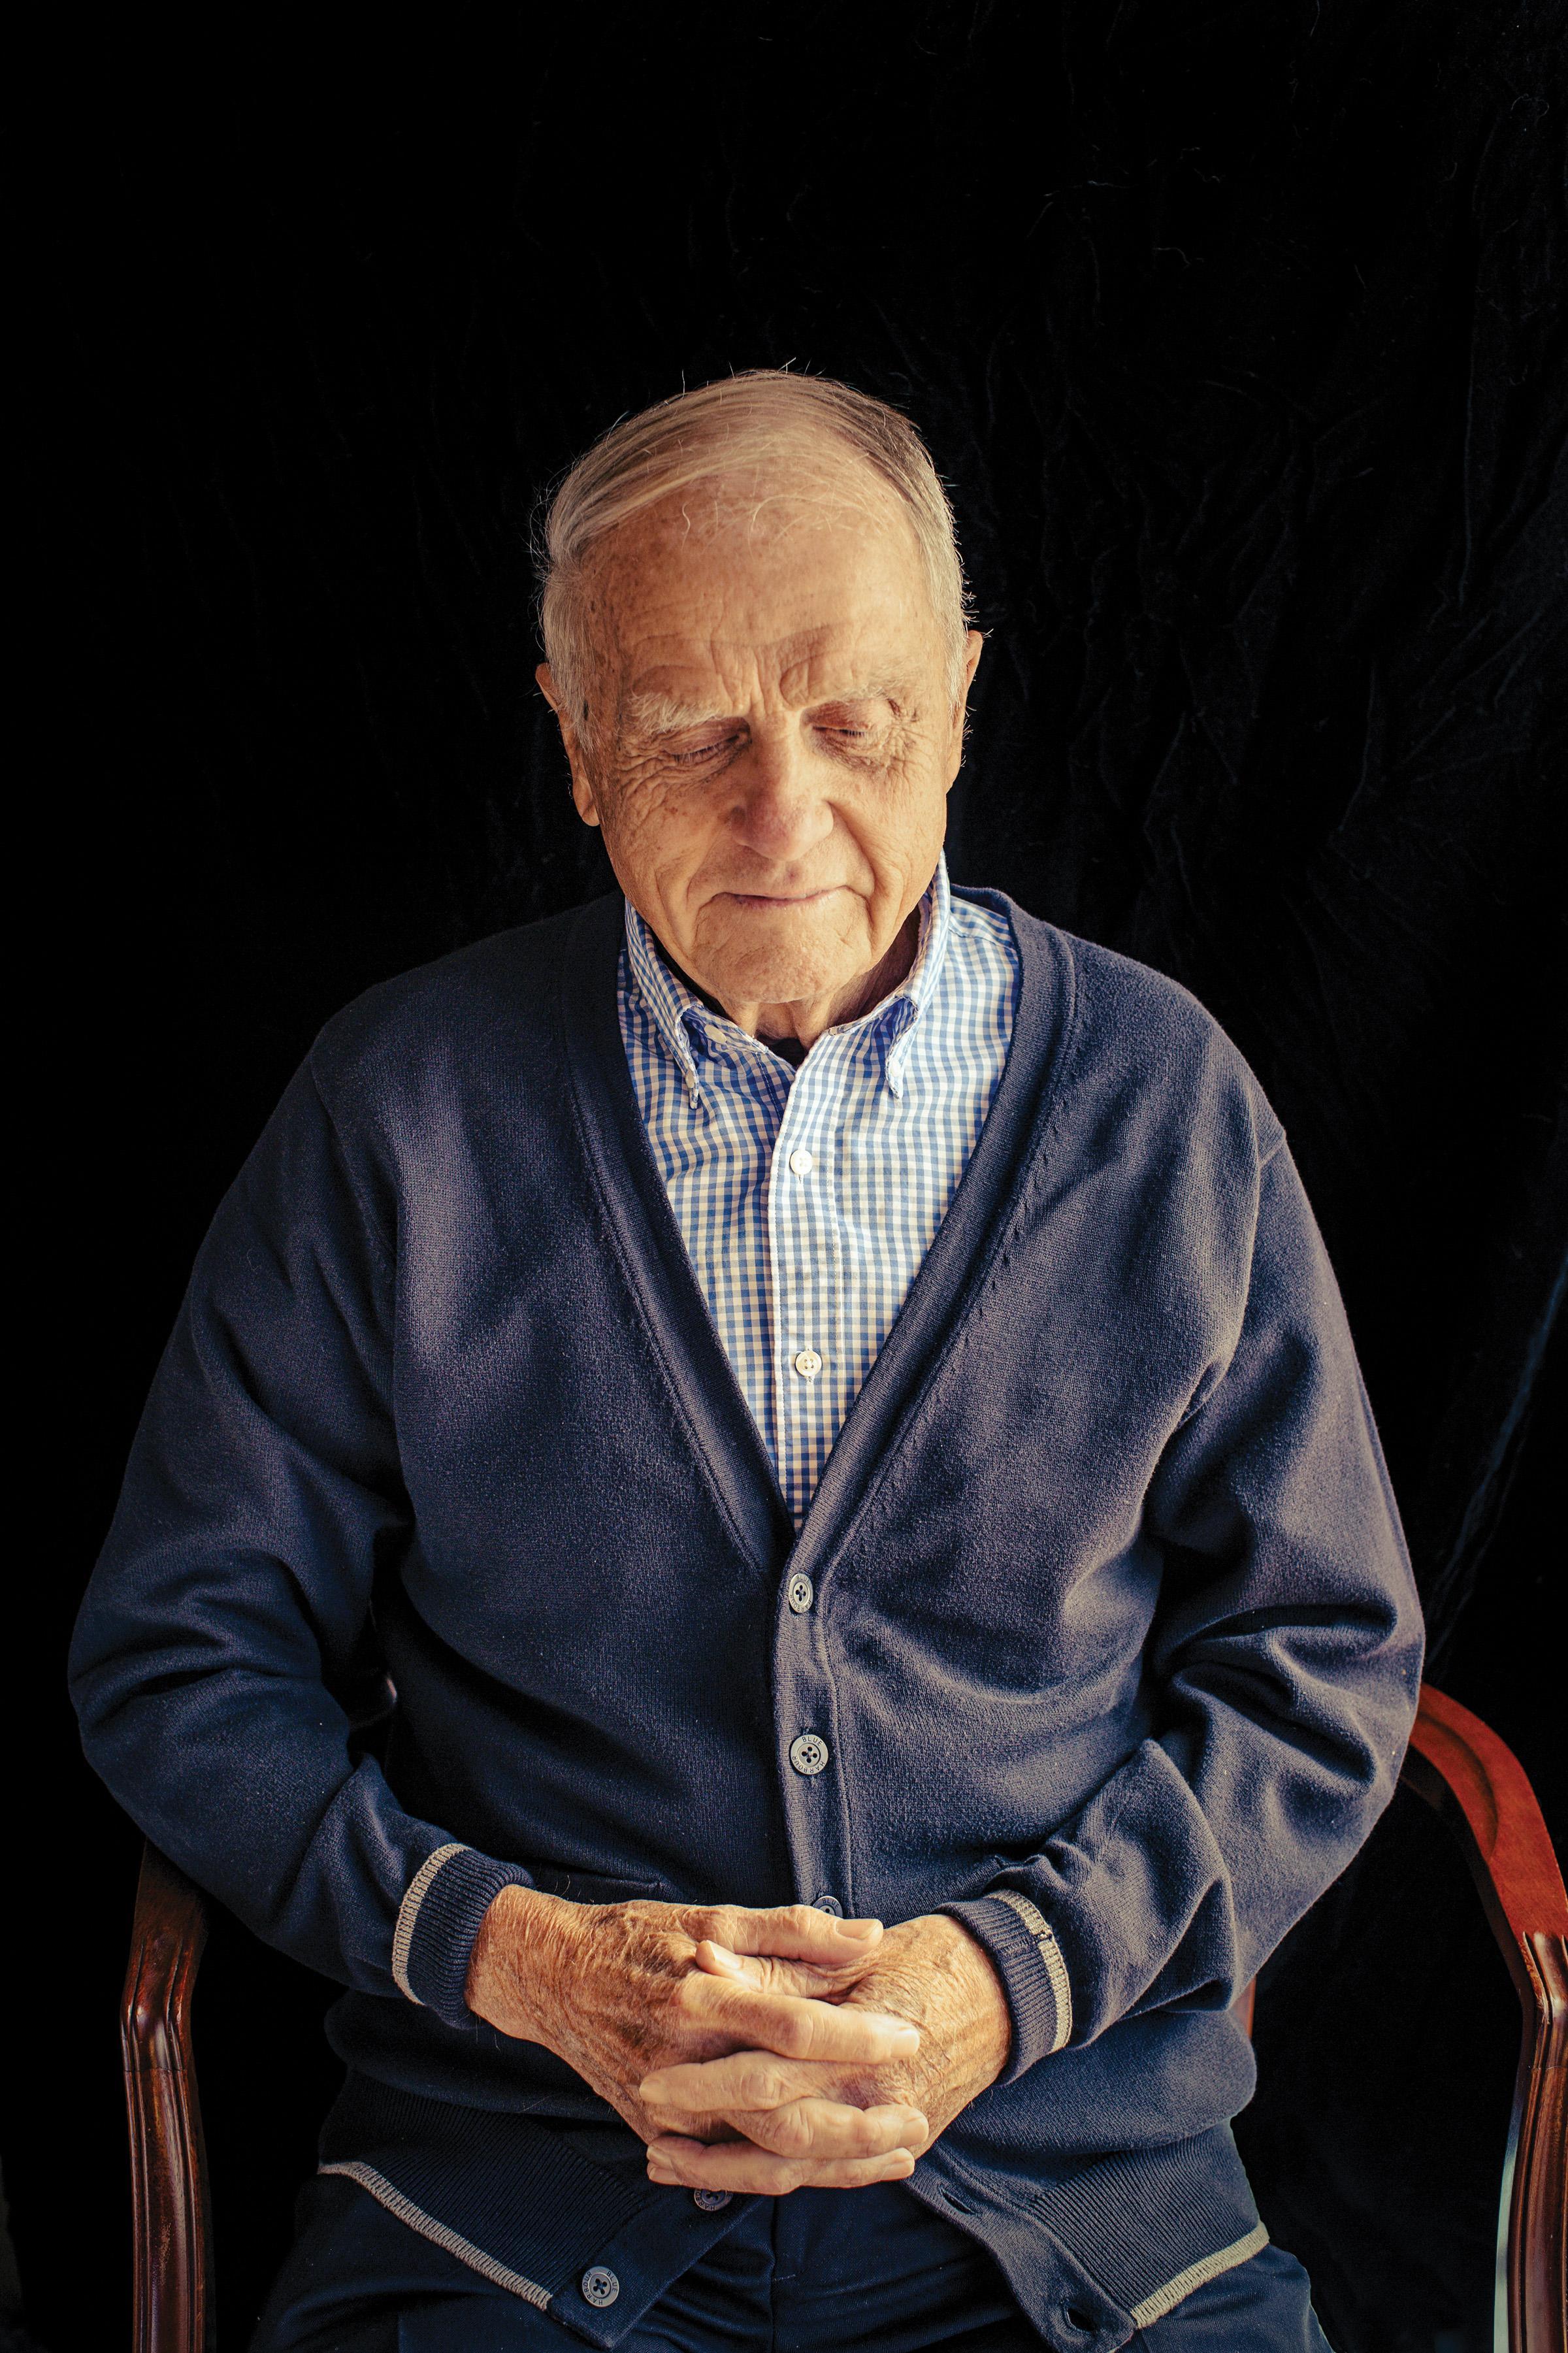 Donald Pinkel